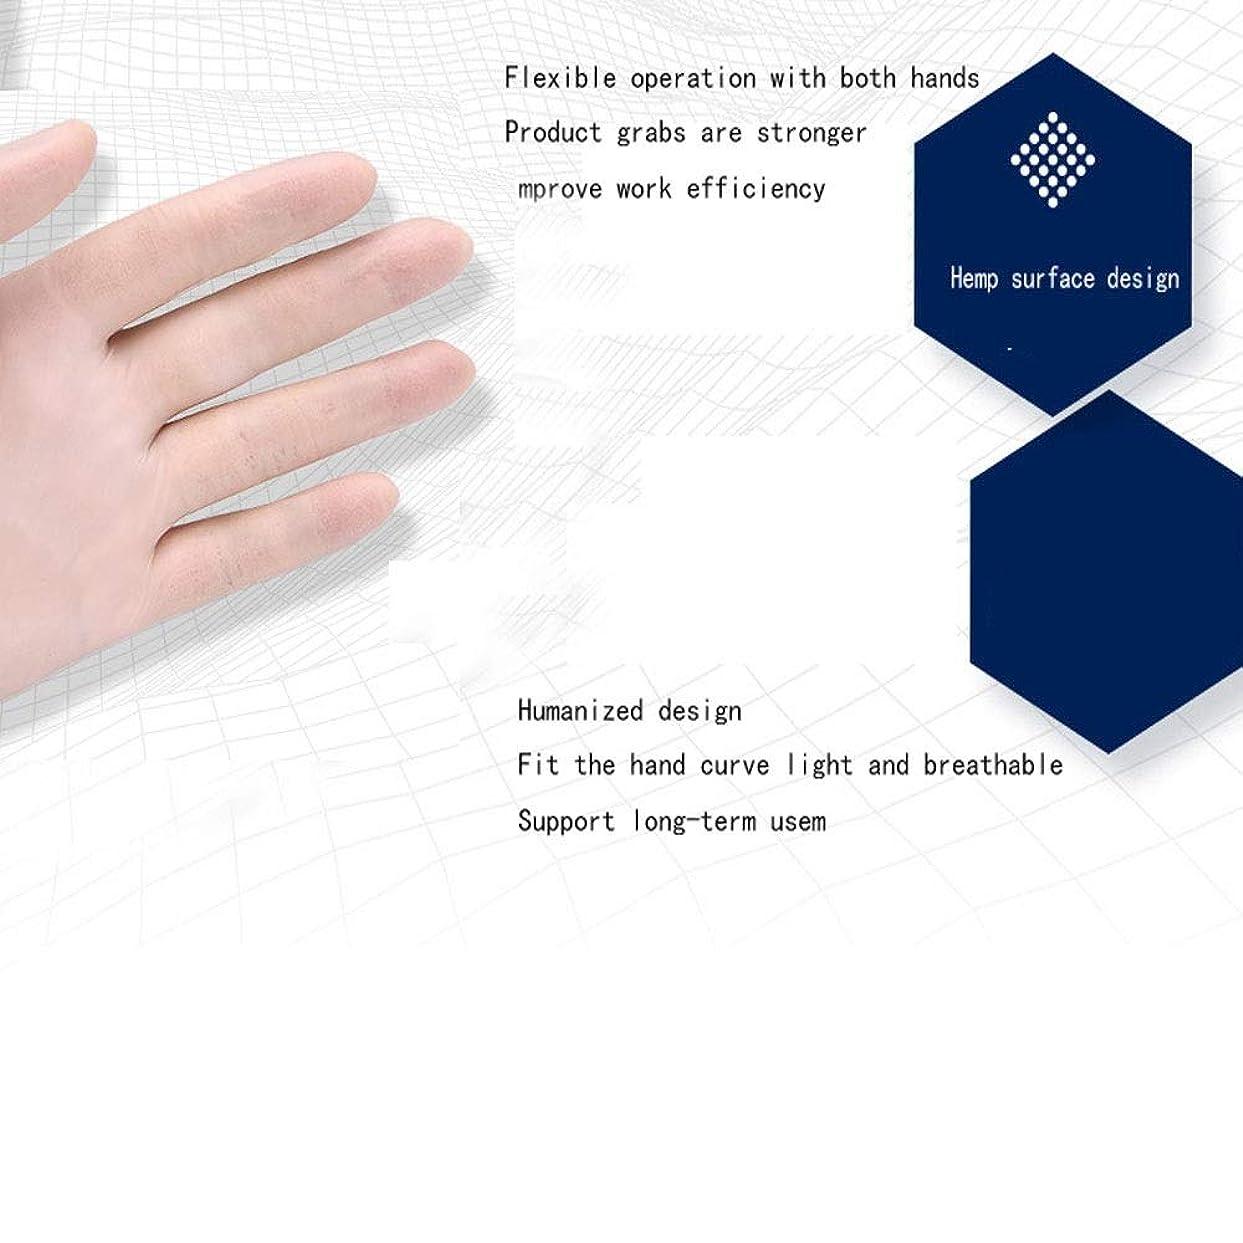 合法まともな直立Safeguard Nitri Disposable Gloves、パウダーフリー、食品用グローブ、ラテックスフリー、100 Pcサニタリーグローブ (サイズ さいず : S s)